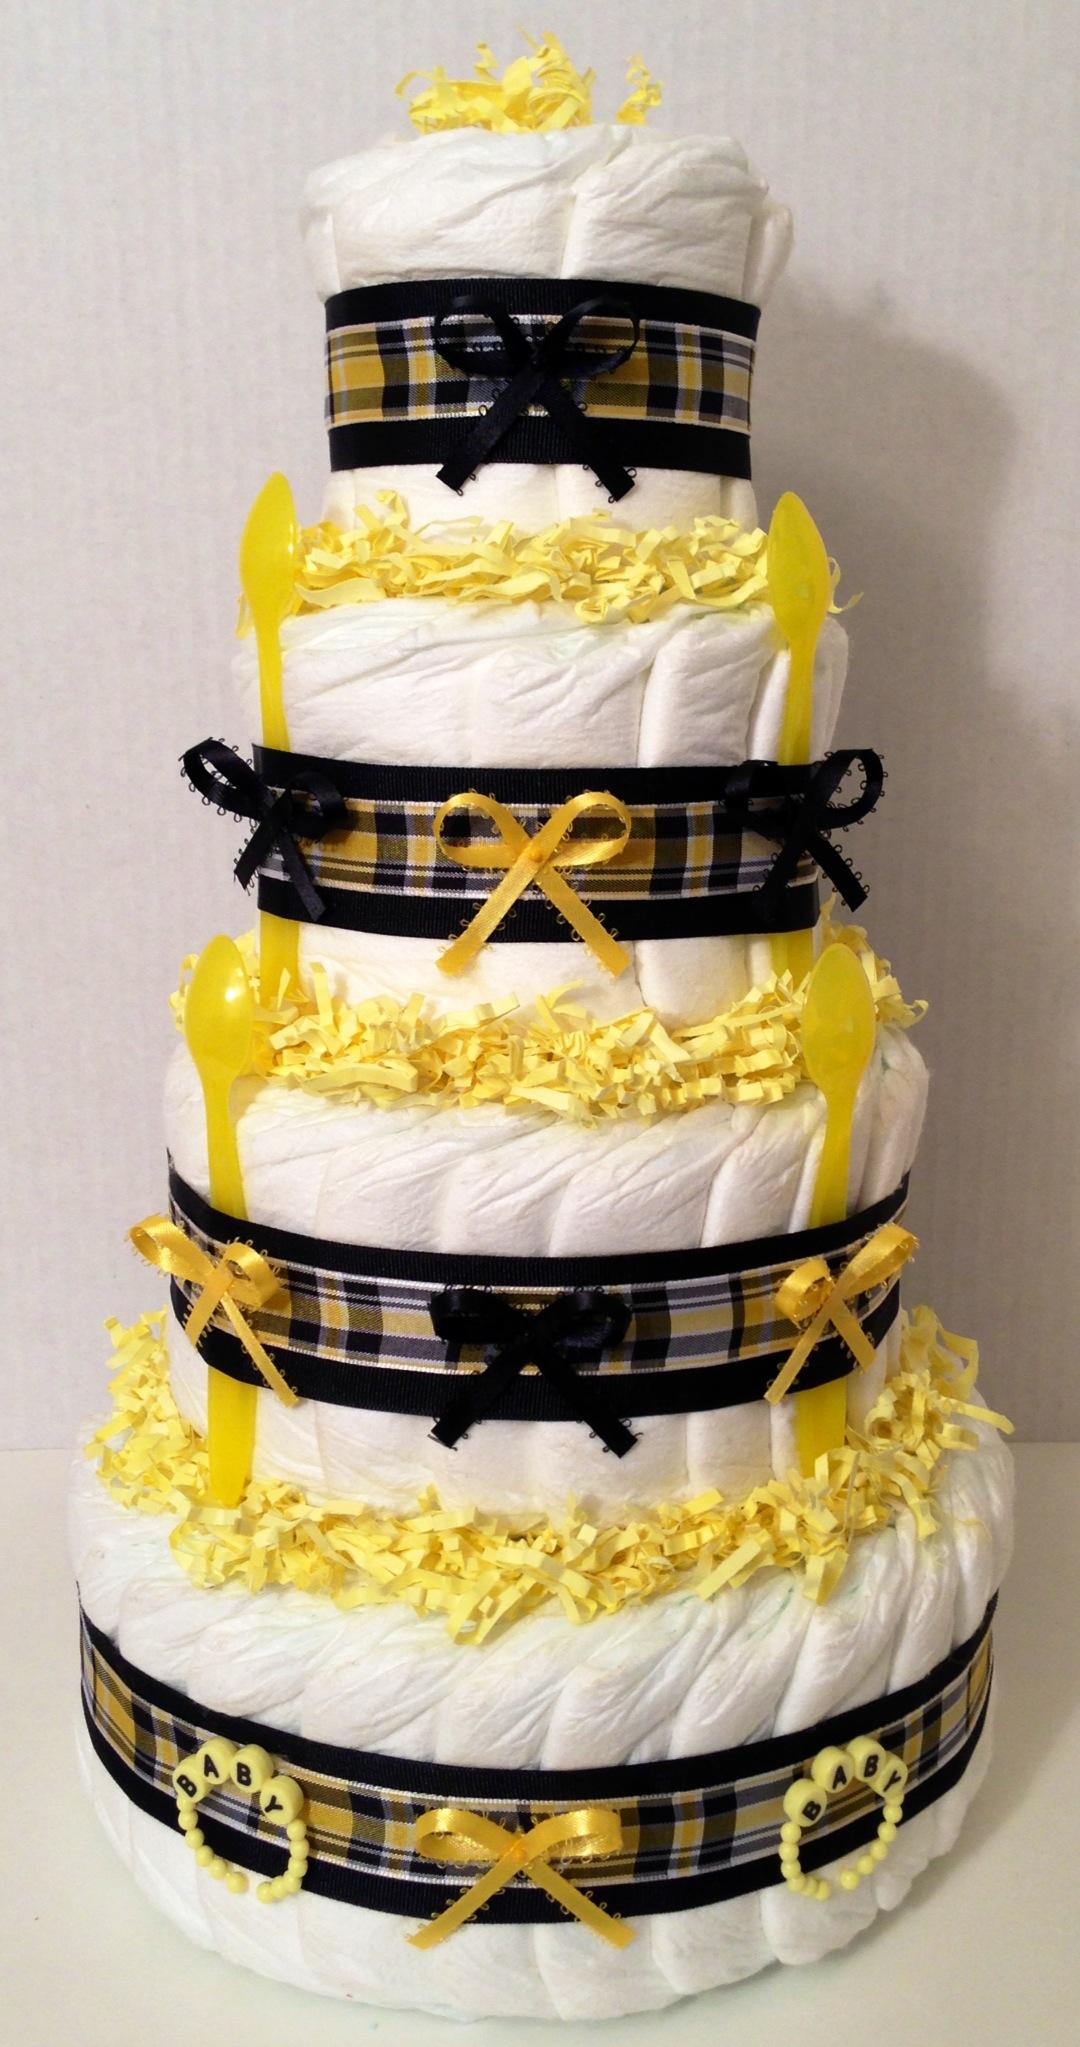 Elegant Black And Yellow Diaper Cake 4 Tier Diaper